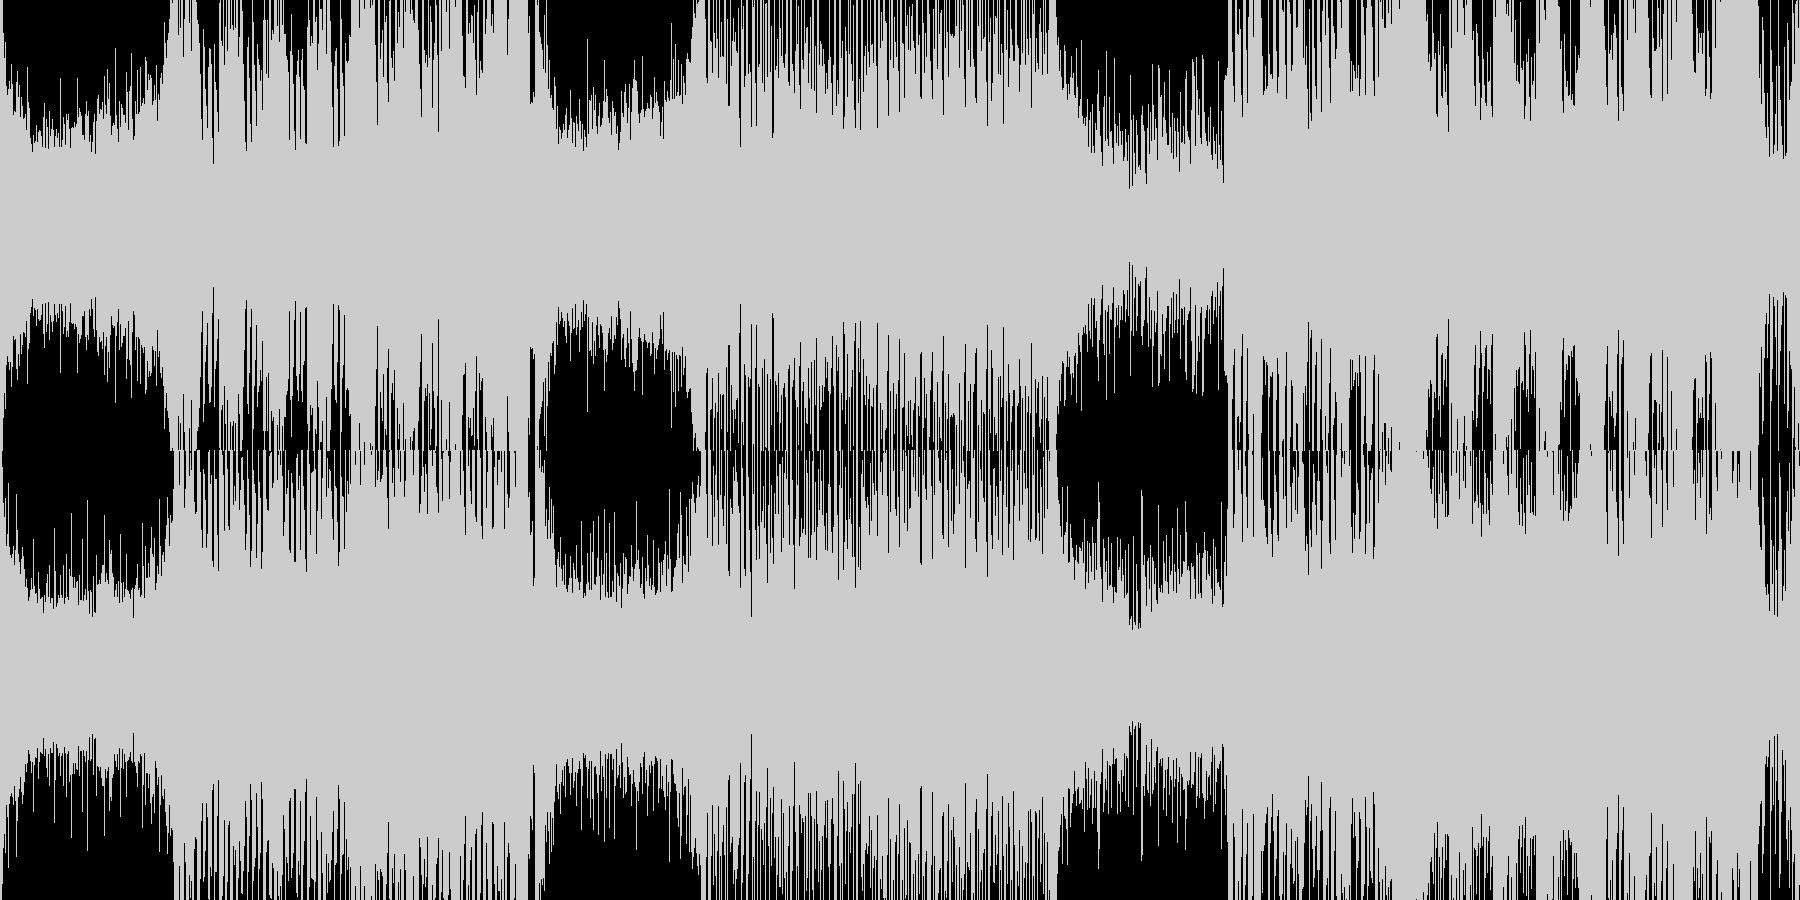 【ループ】緊迫感のある高速オーケストラの未再生の波形